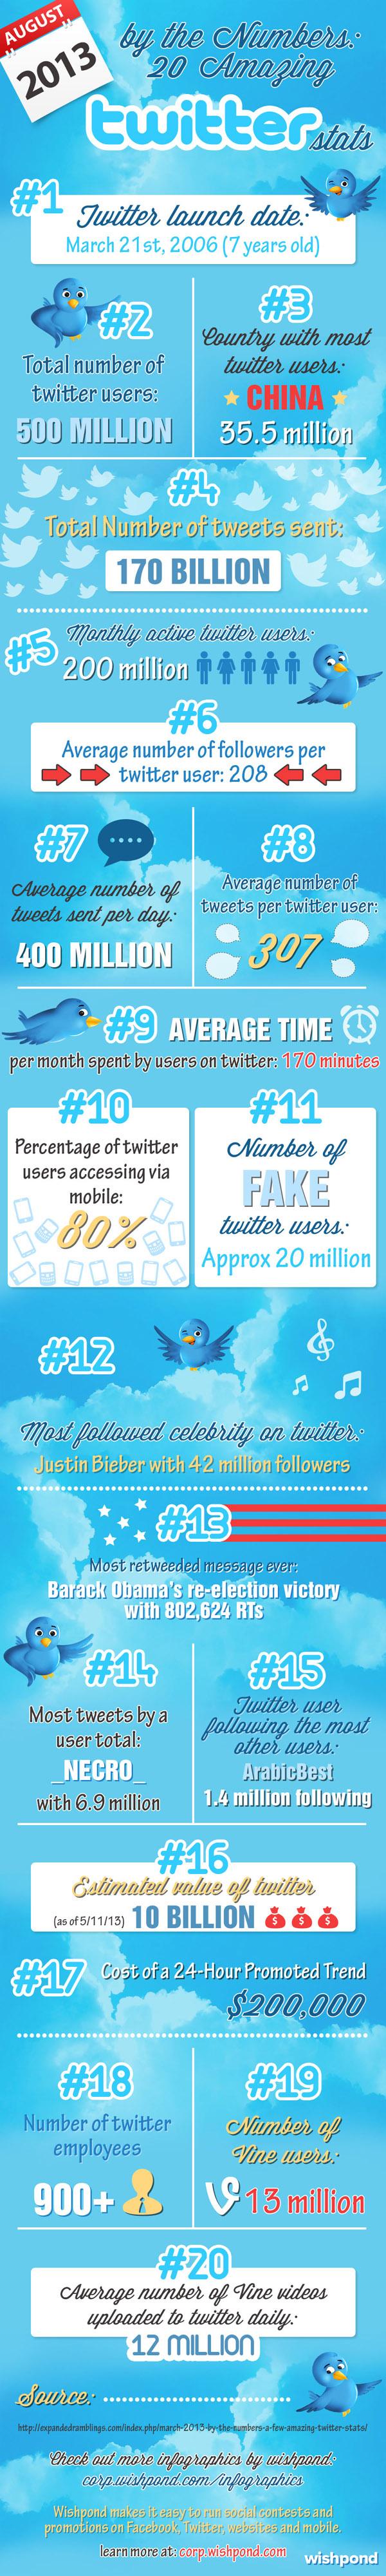 Twitter, mobile marketing